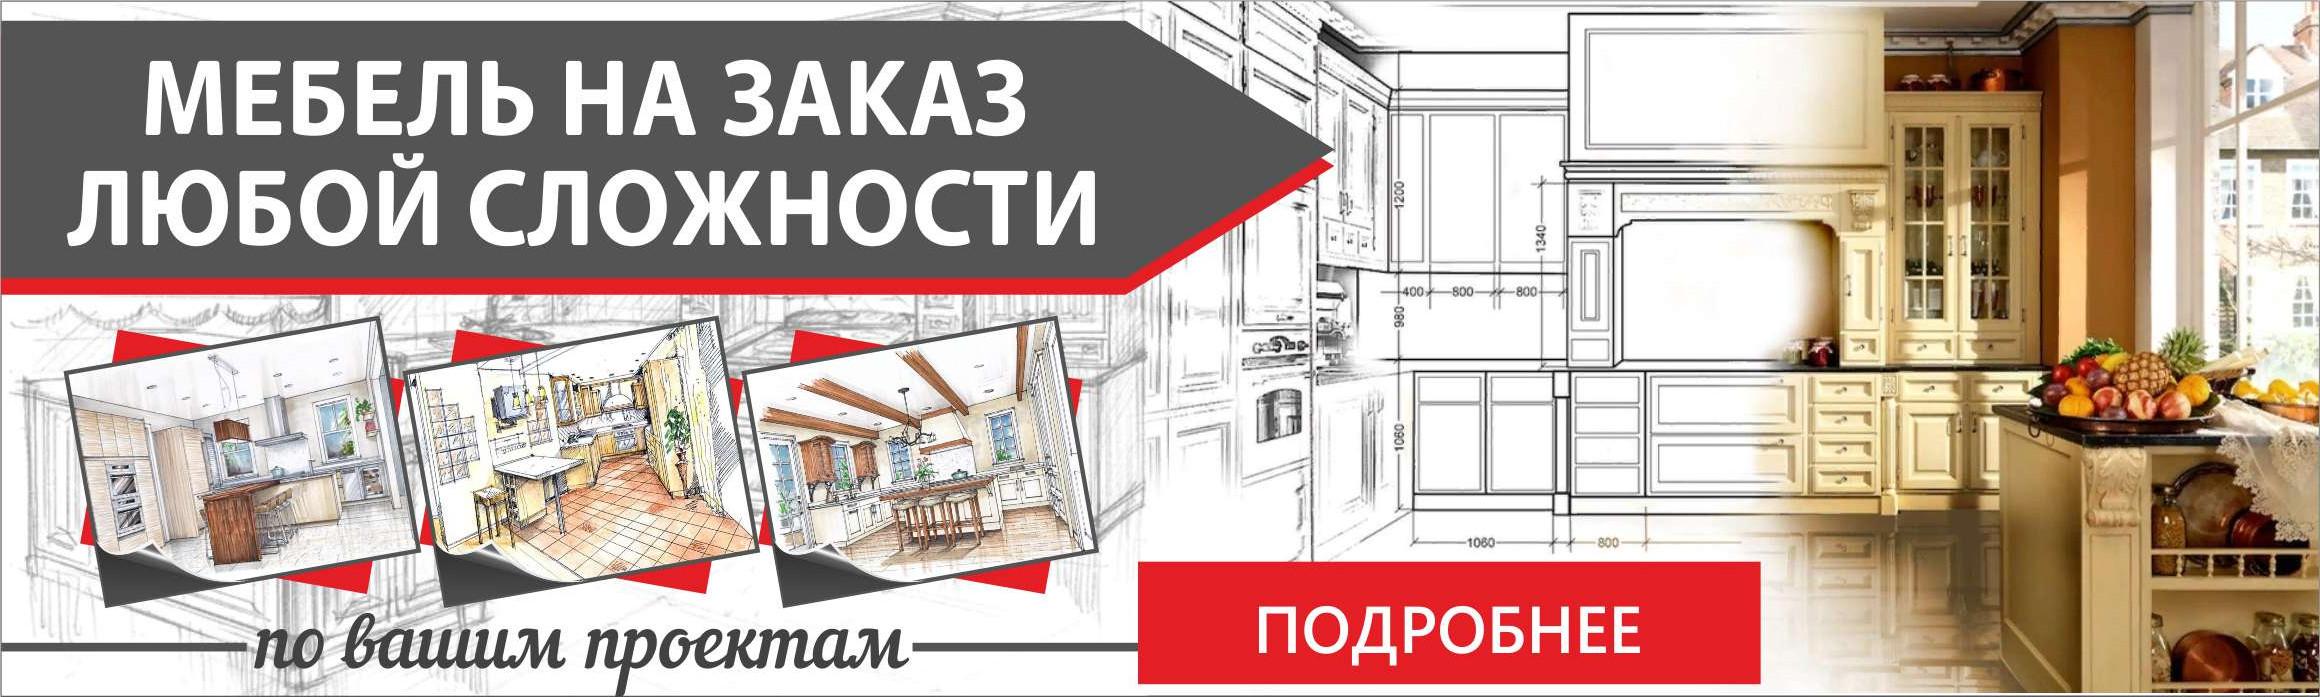 Мебель на заказ любой сложности в Новочебоксарске